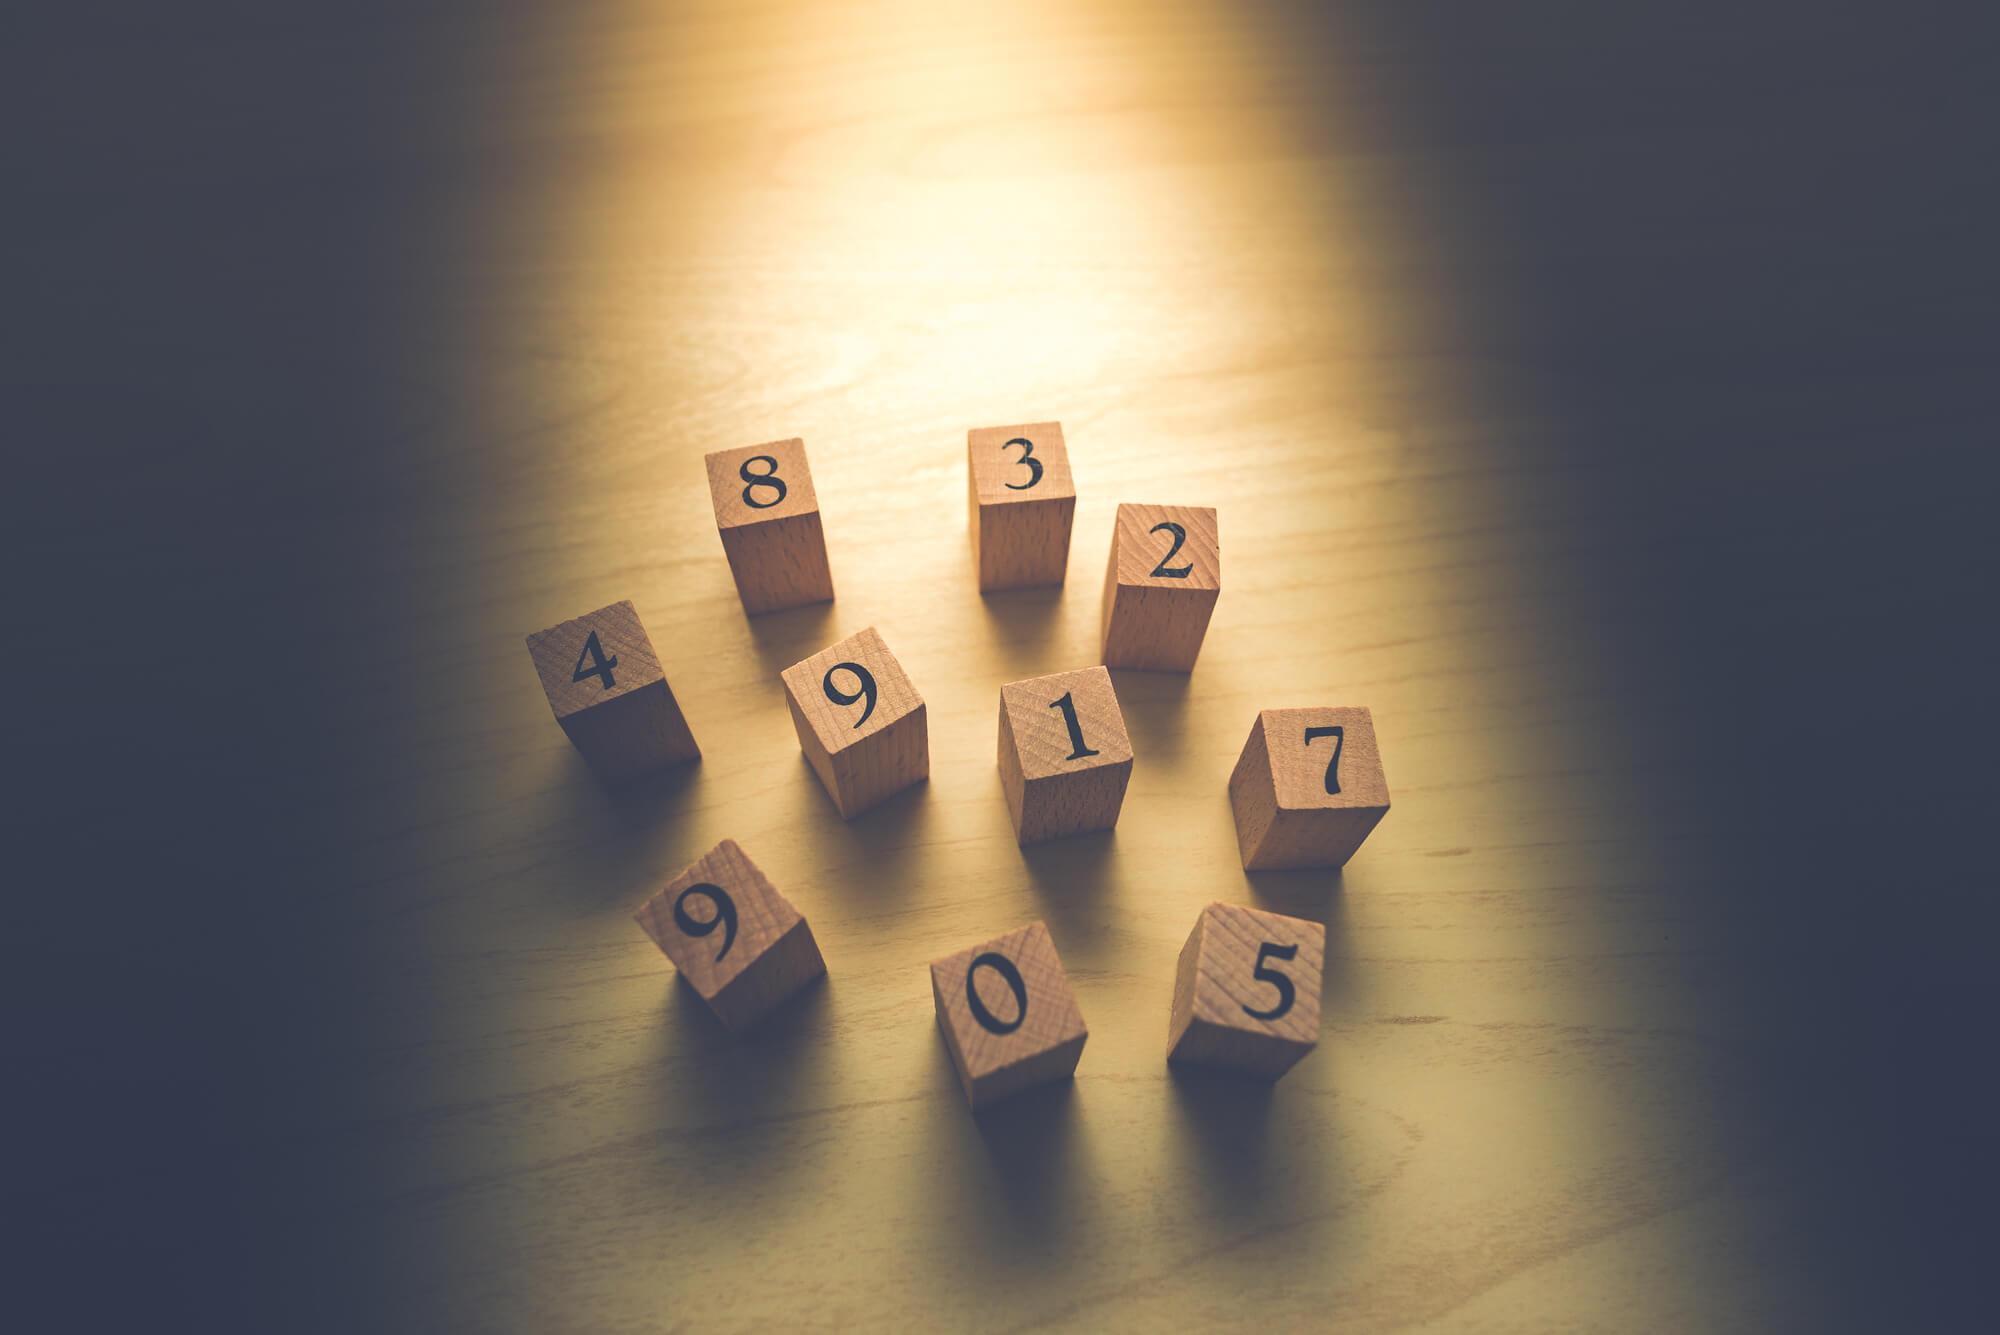 数字が持つスピリチュアルな意味